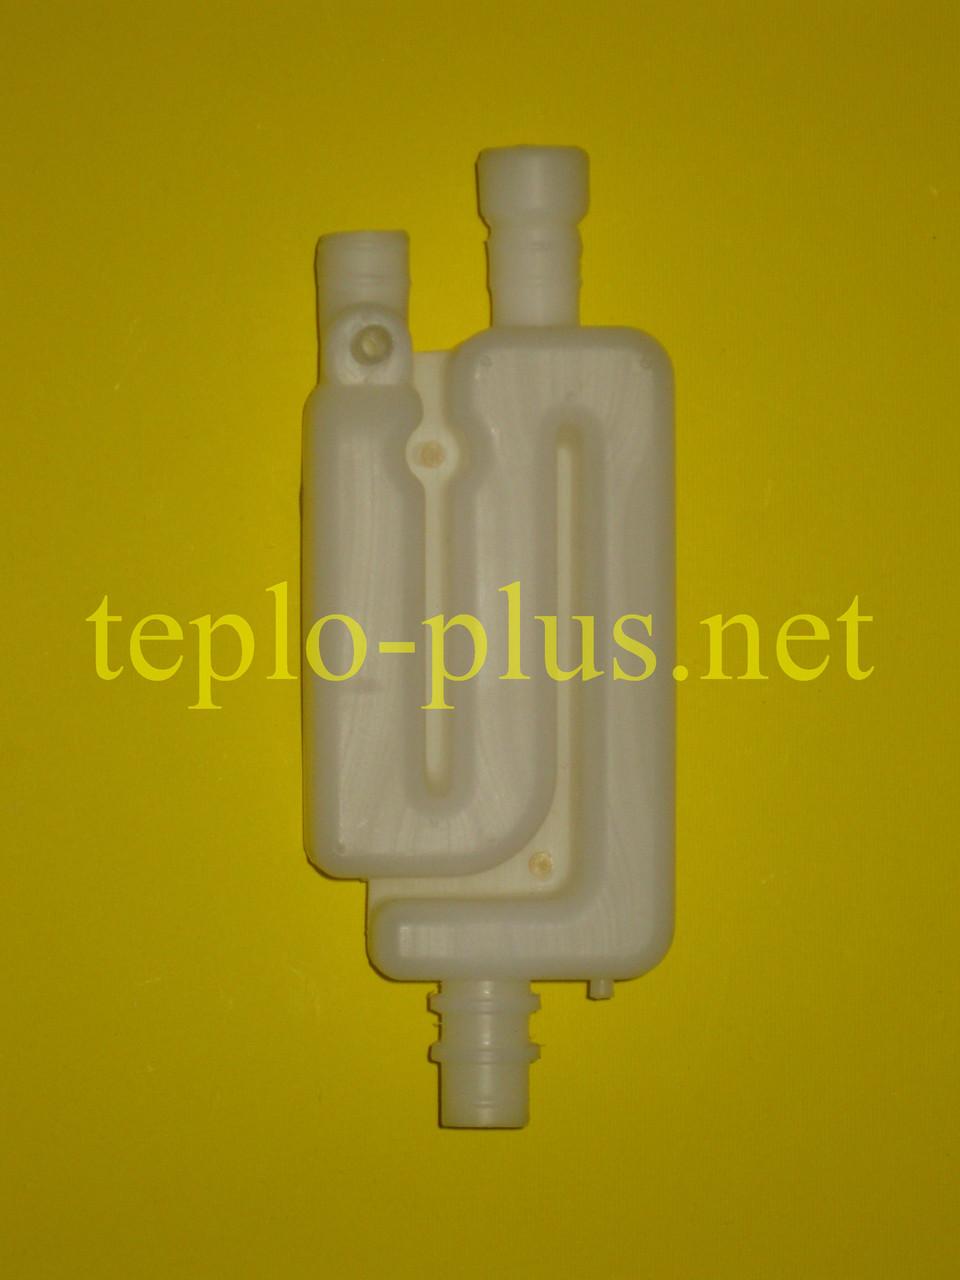 Бак (сифонный) сифона Daewoo Gasboiler DGB-160, 200, 250, 300, 350 MES, фото 2